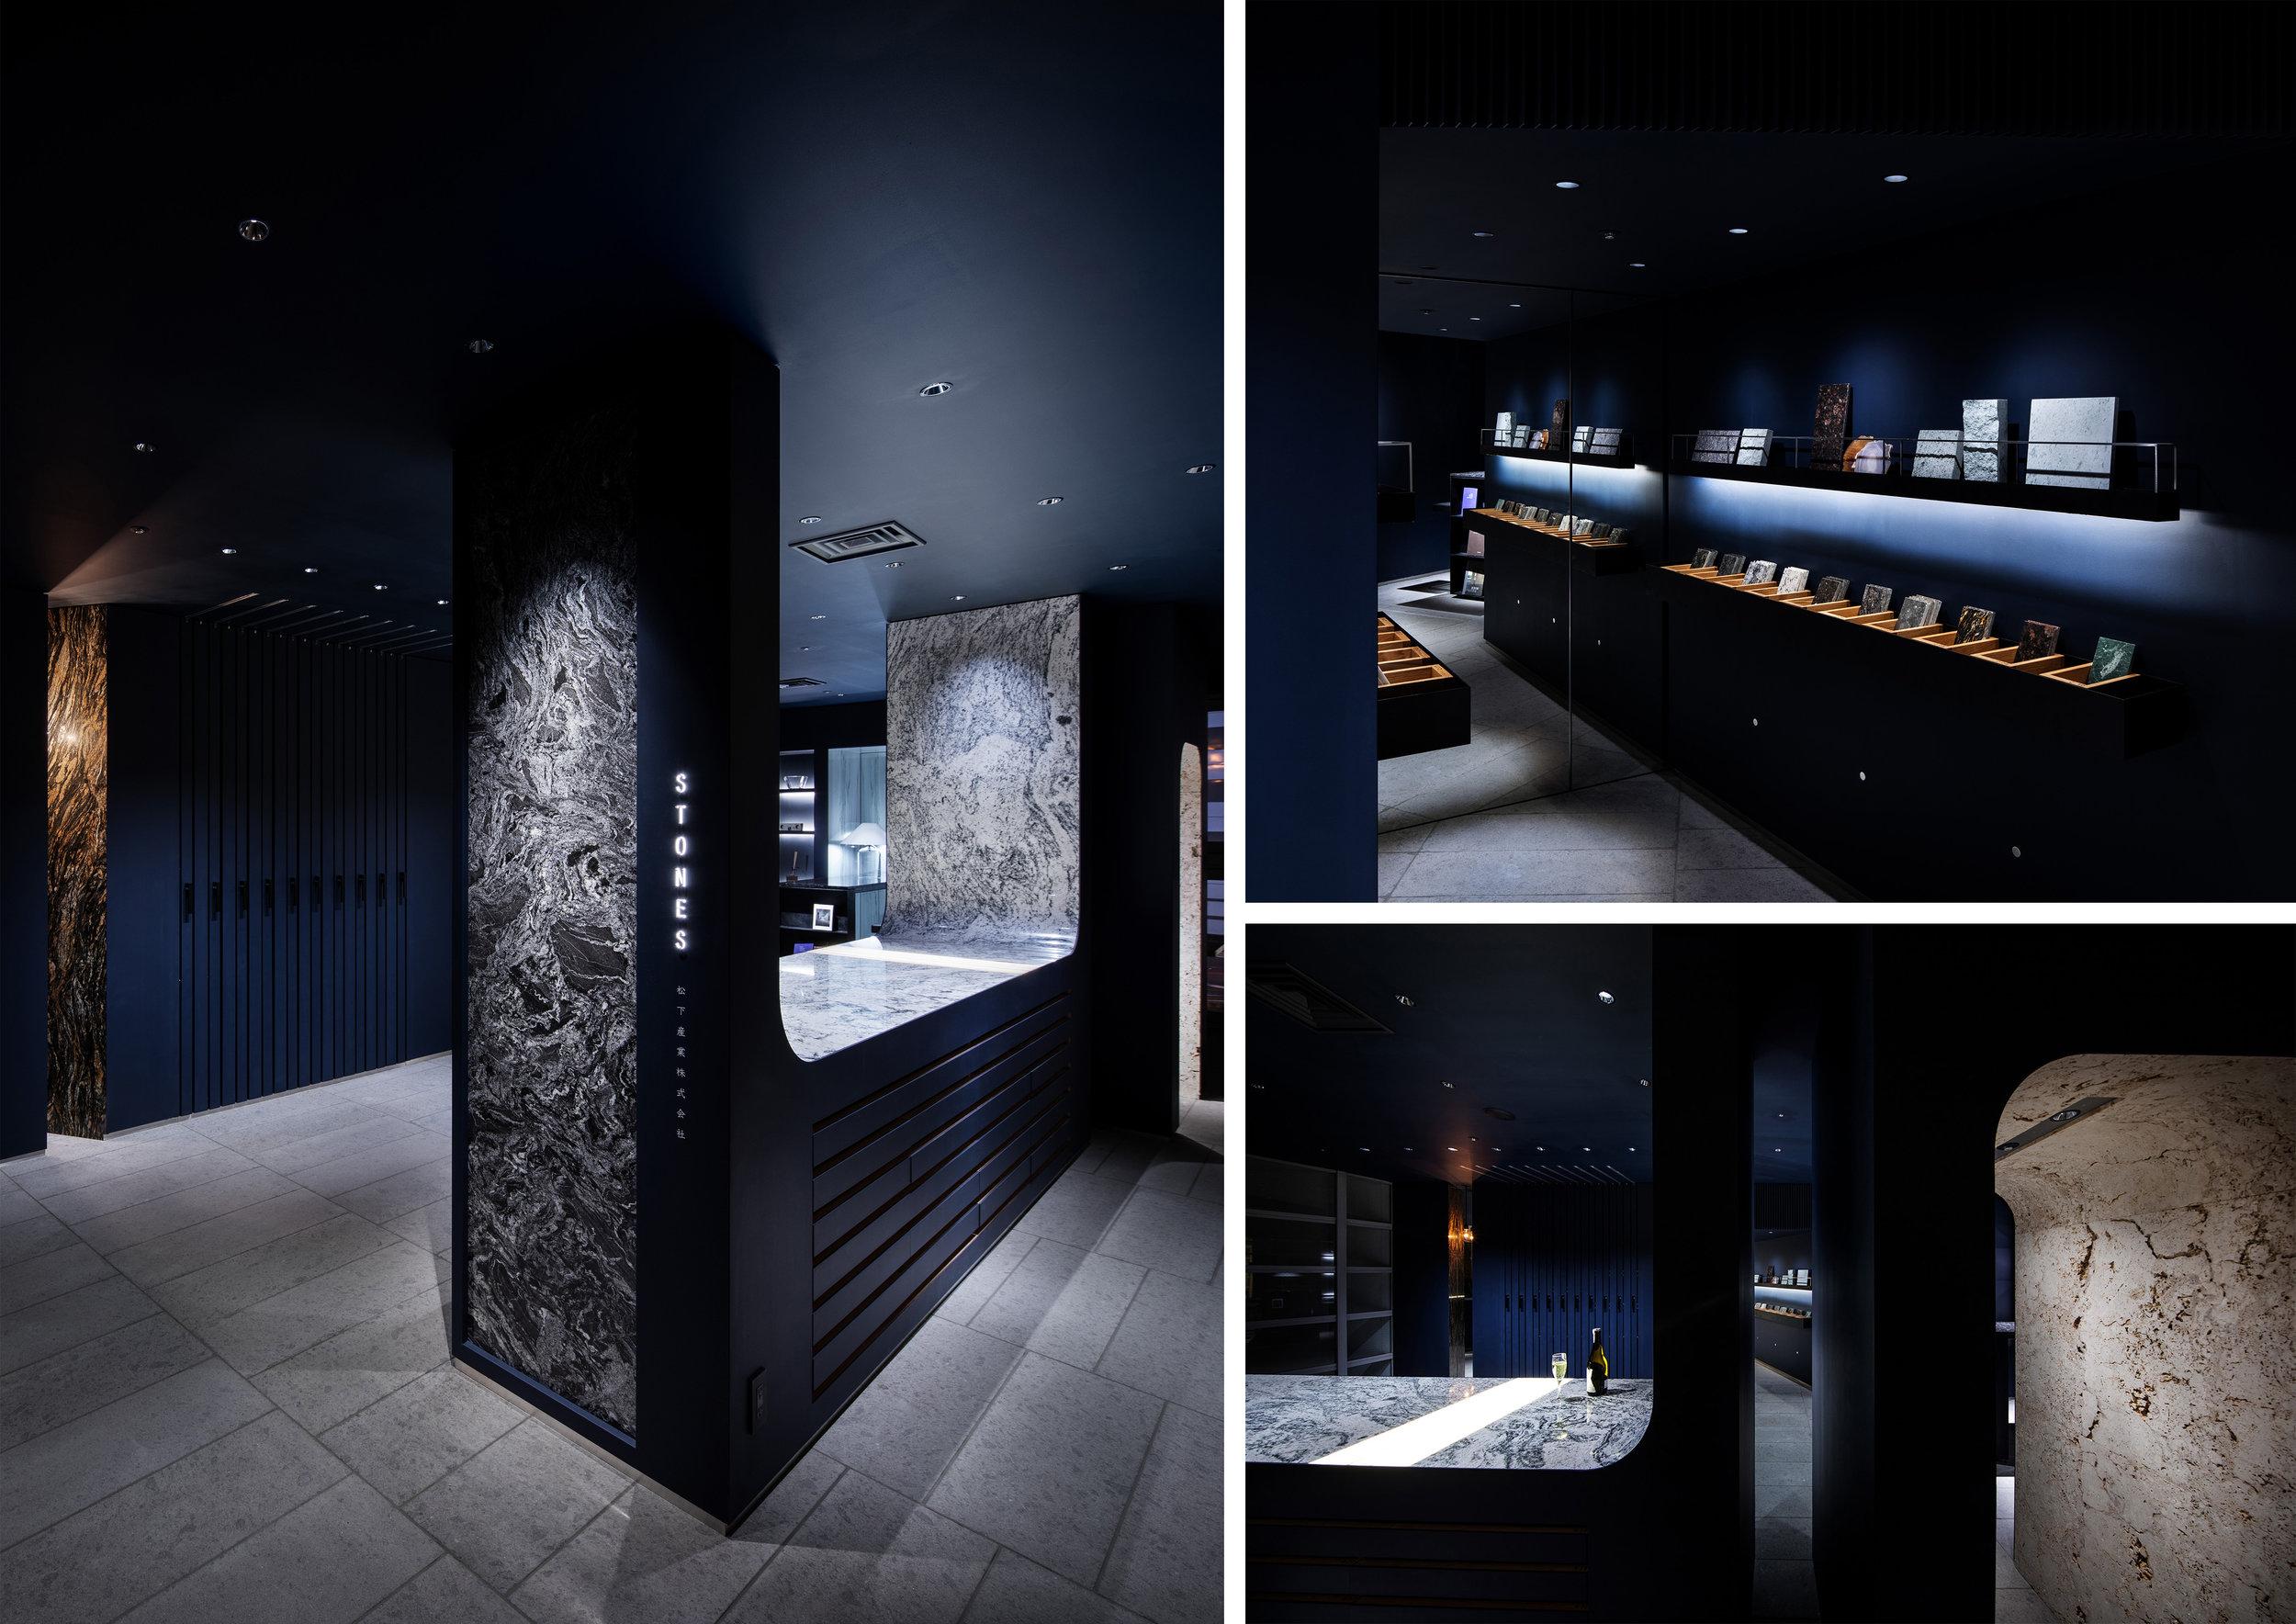 STONES - Design by: IIJIMA DESIGNInterior Division: ShowroomWebsite: http://www.iijima-design.com/index.html